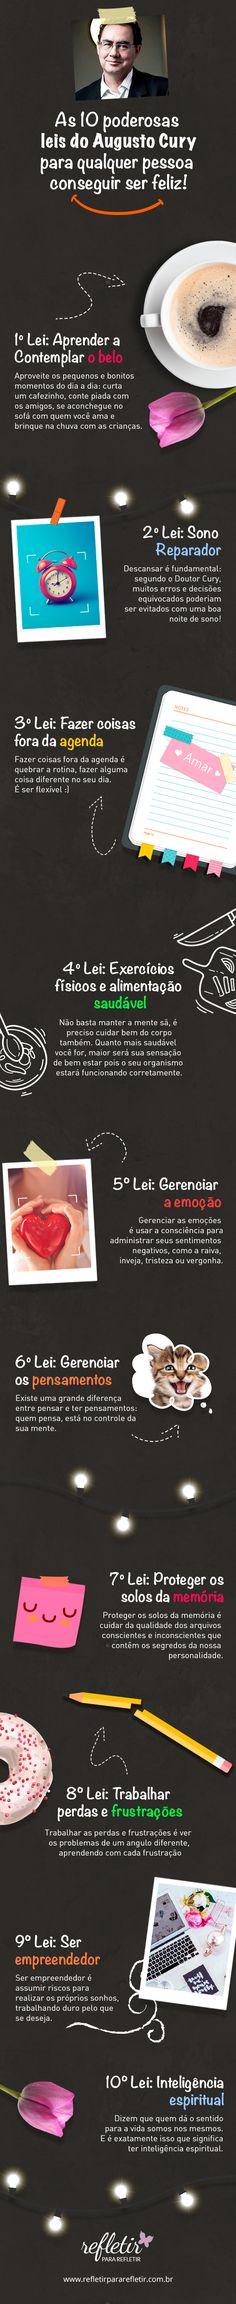 Espia as 10 leis do Augusto Cury para você ser feliz: ensinamentos simples que nos fazem pensar! #Augusto #feliz #alegria #infografico #felicidade